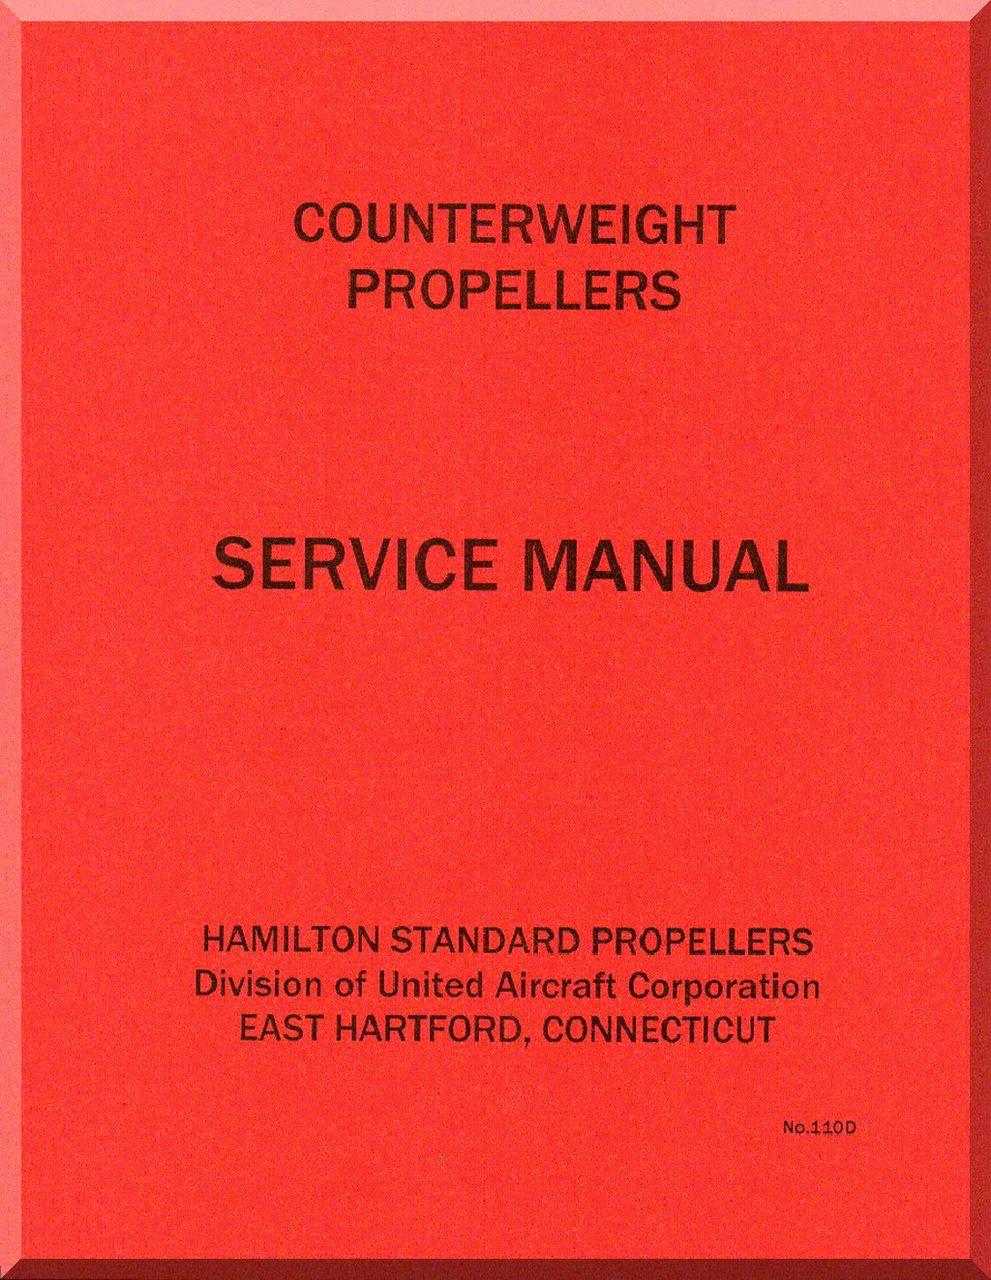 Hamilton Standard Counterweight Aircraft Propeller Service Manual - 110 D